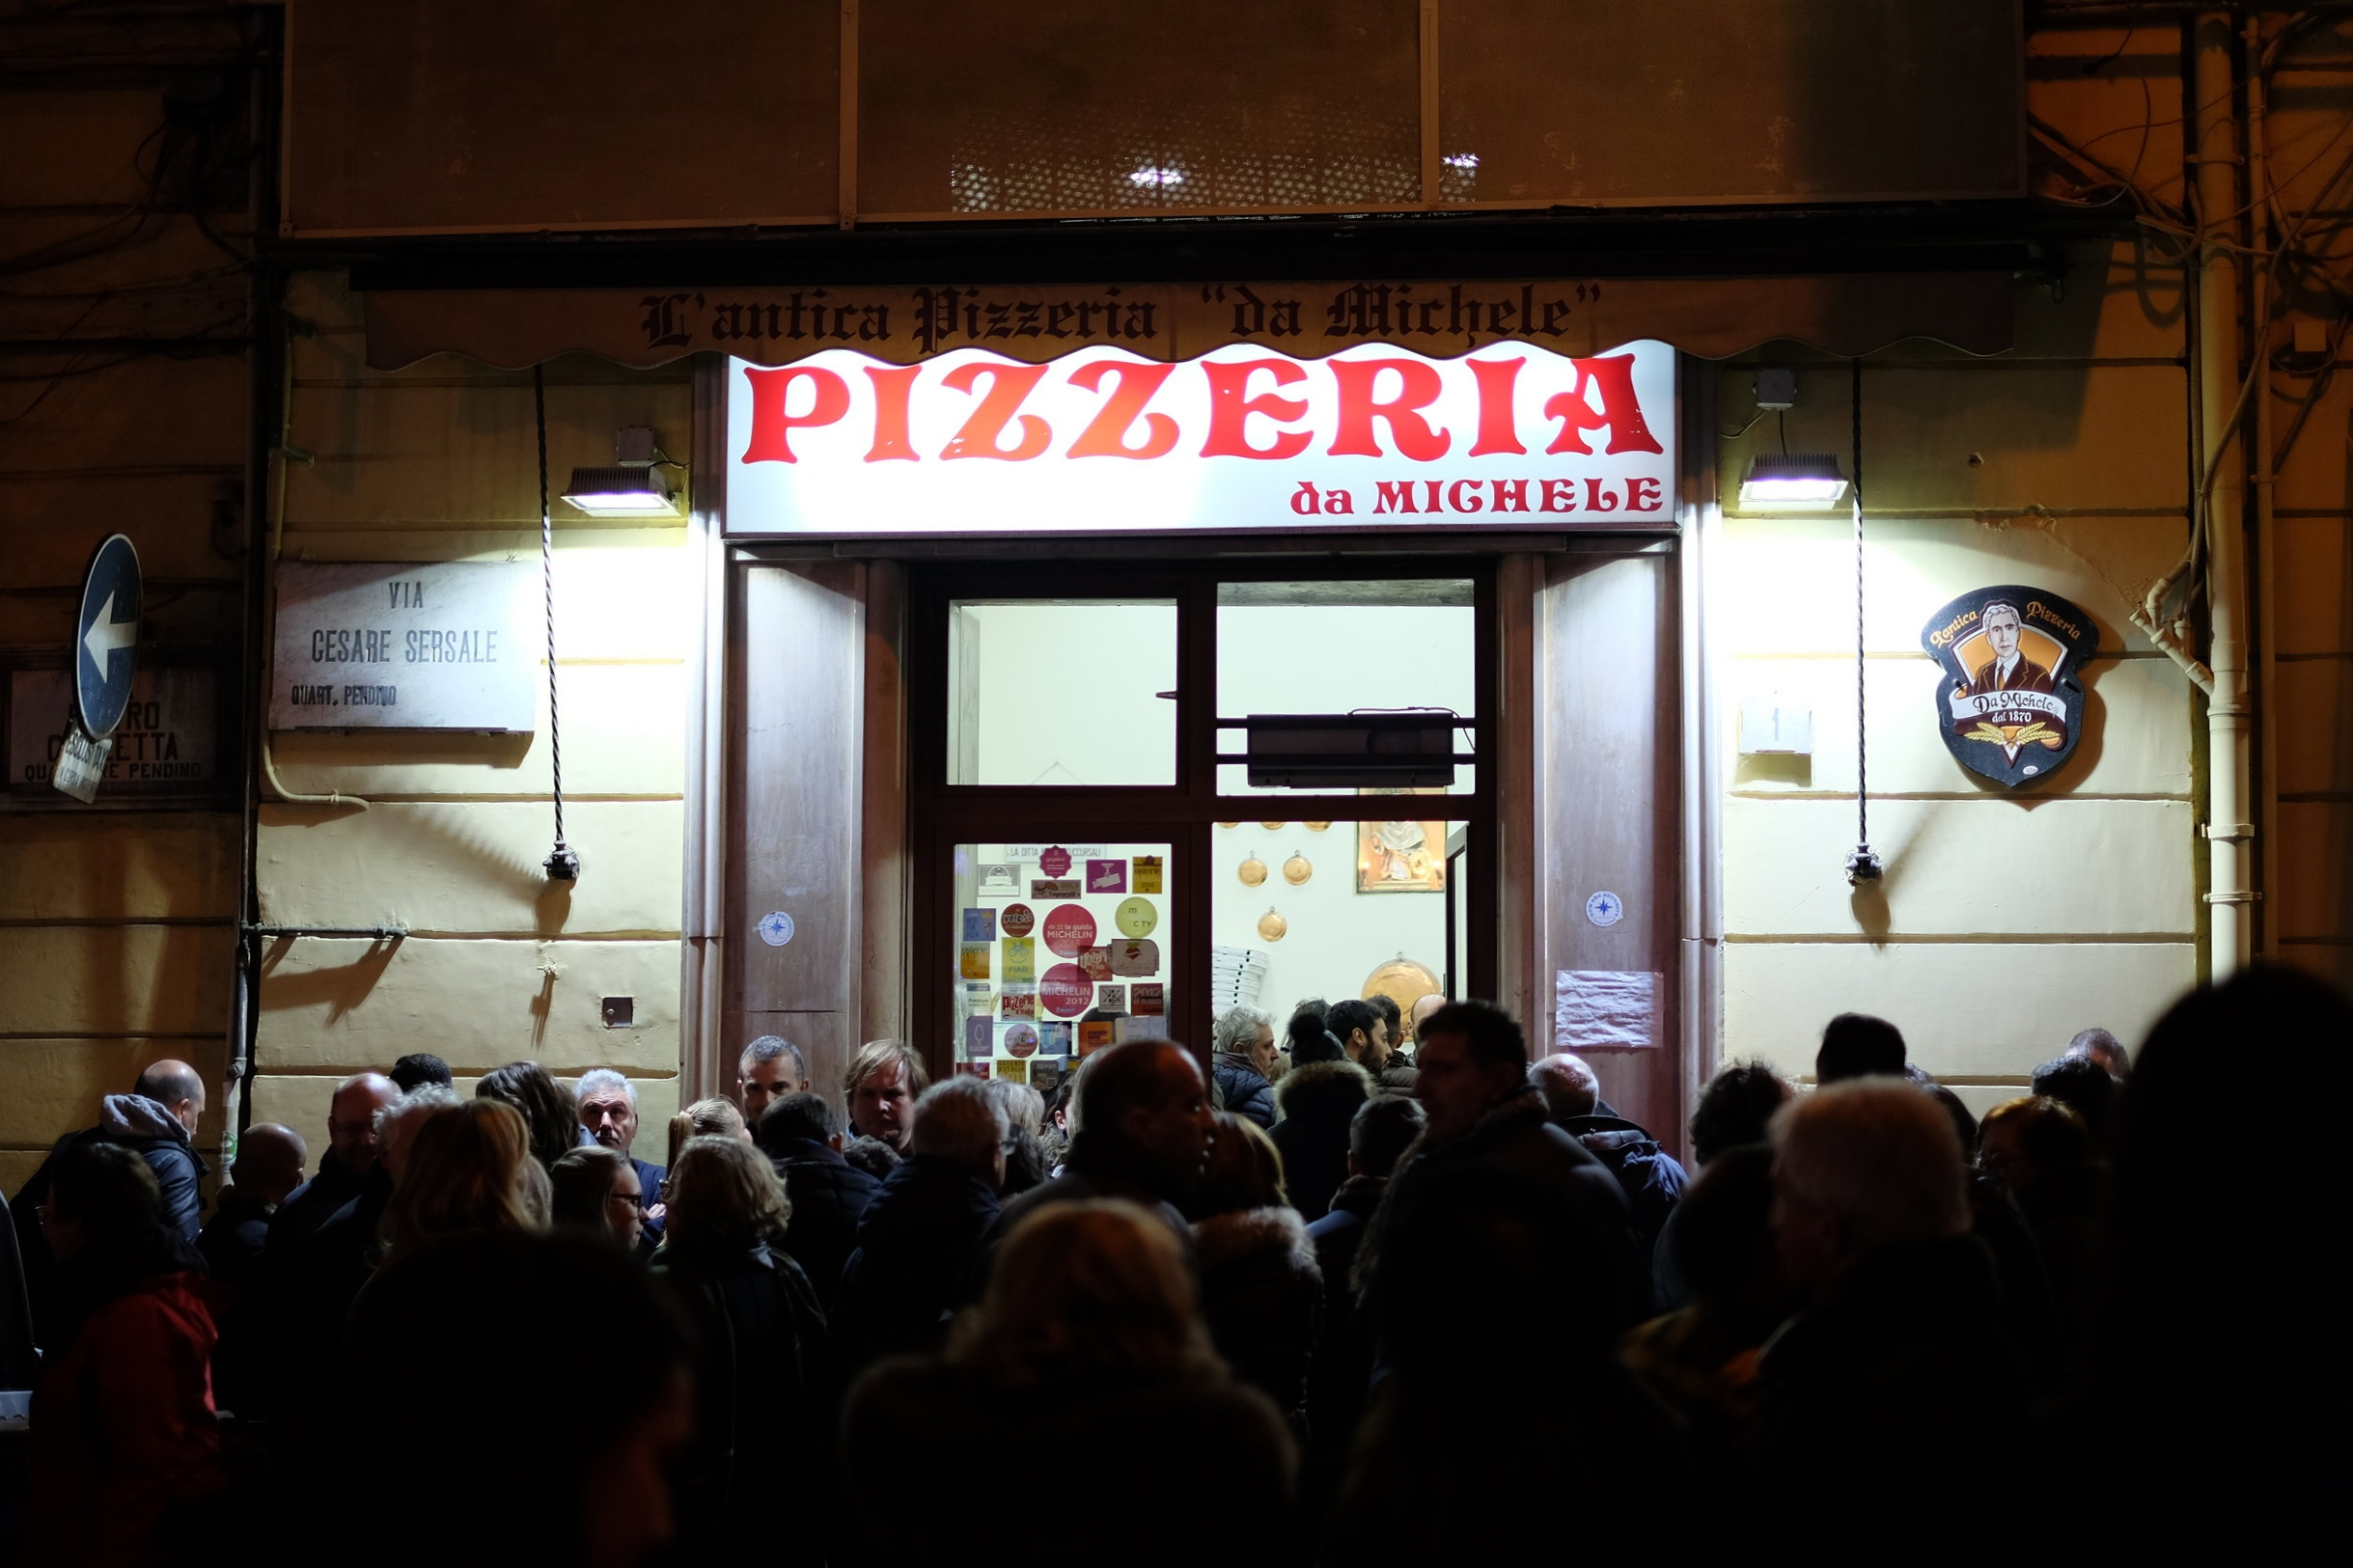 NAPOLI  - Antica Pizzeria da Michele,Via Cesare Sersale 1, 80139 Napoli.